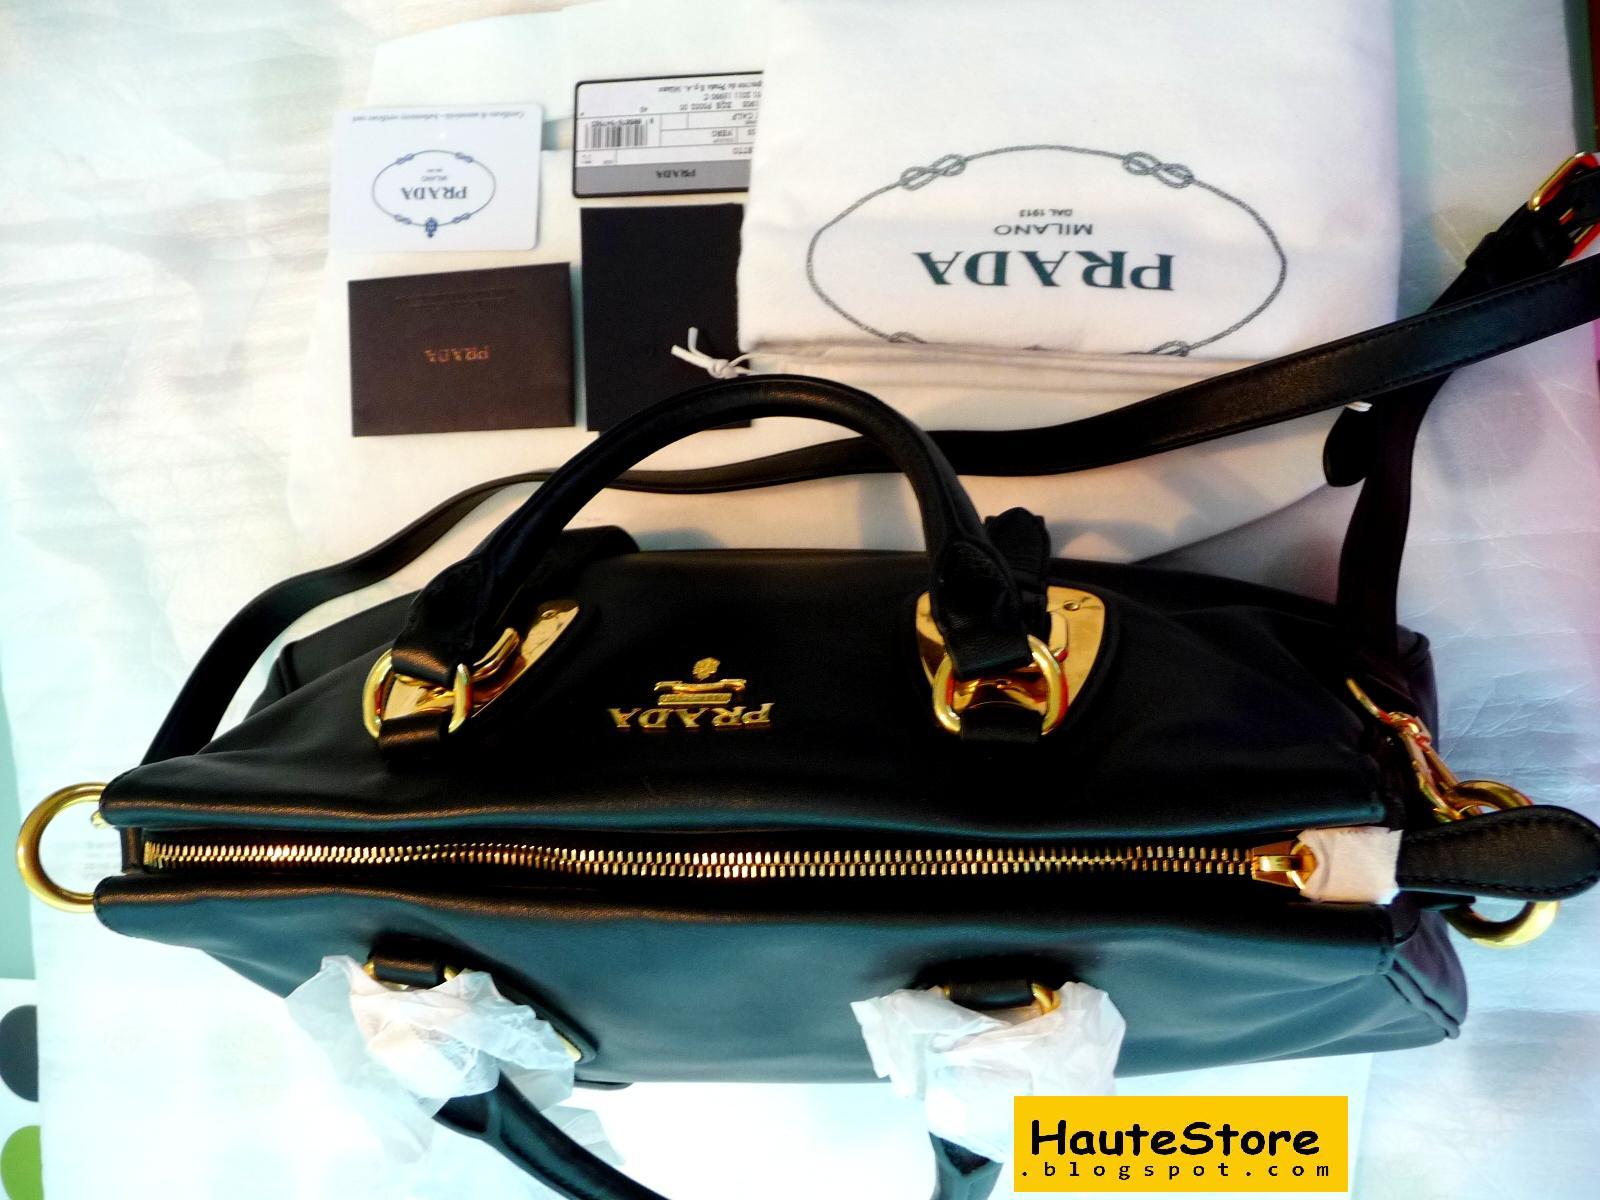 b8ab143a0e0c HauteStore: Prada Bauletto BN1903 Full Soft Calf leather (Black/Nero)